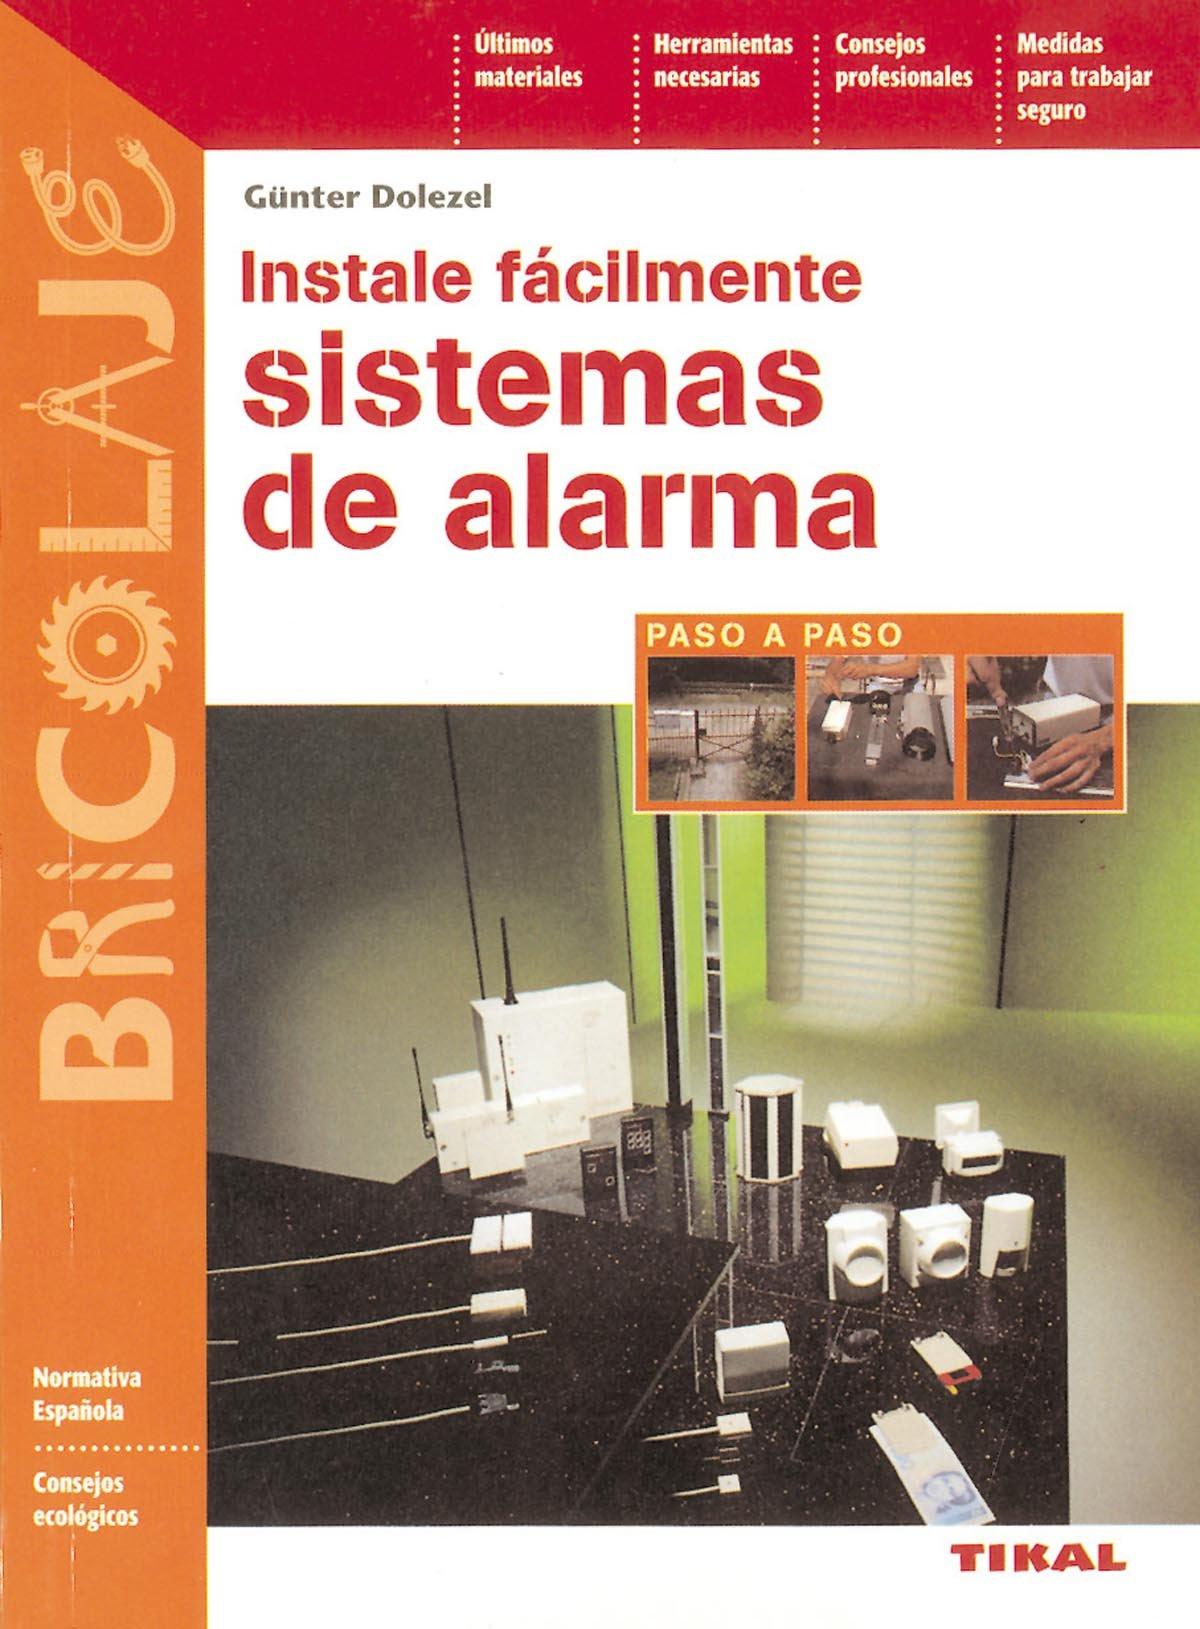 Instalación de sistemas de alarma: Günter Dolezel ...